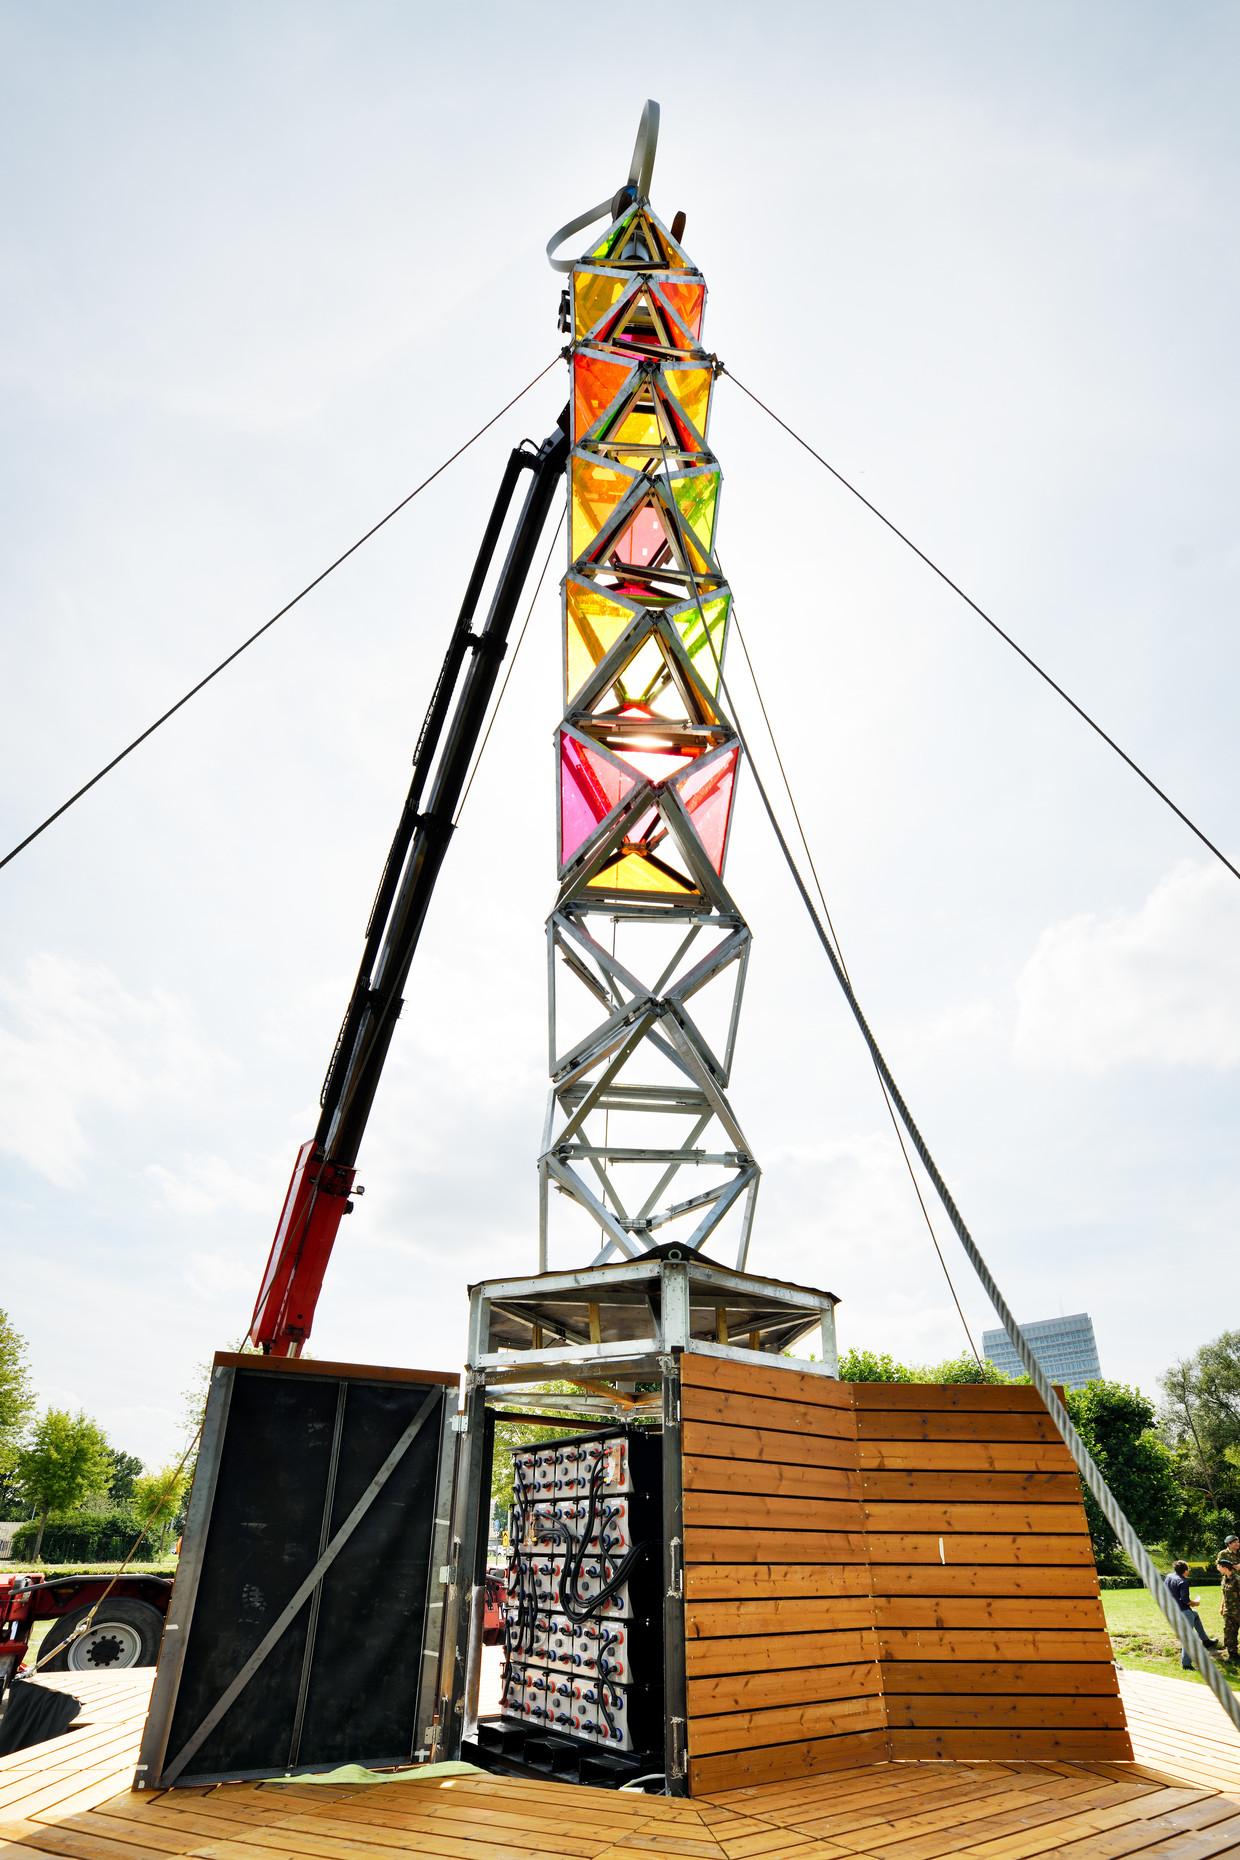 De GEM Tower is een gevaarte van ruim 20 meter hoog. In de constructie zijn zonnepanelen en een windturbine verwerkt. Beeld Hollandse Hoogte / Bart van Overbeeke Fotografie